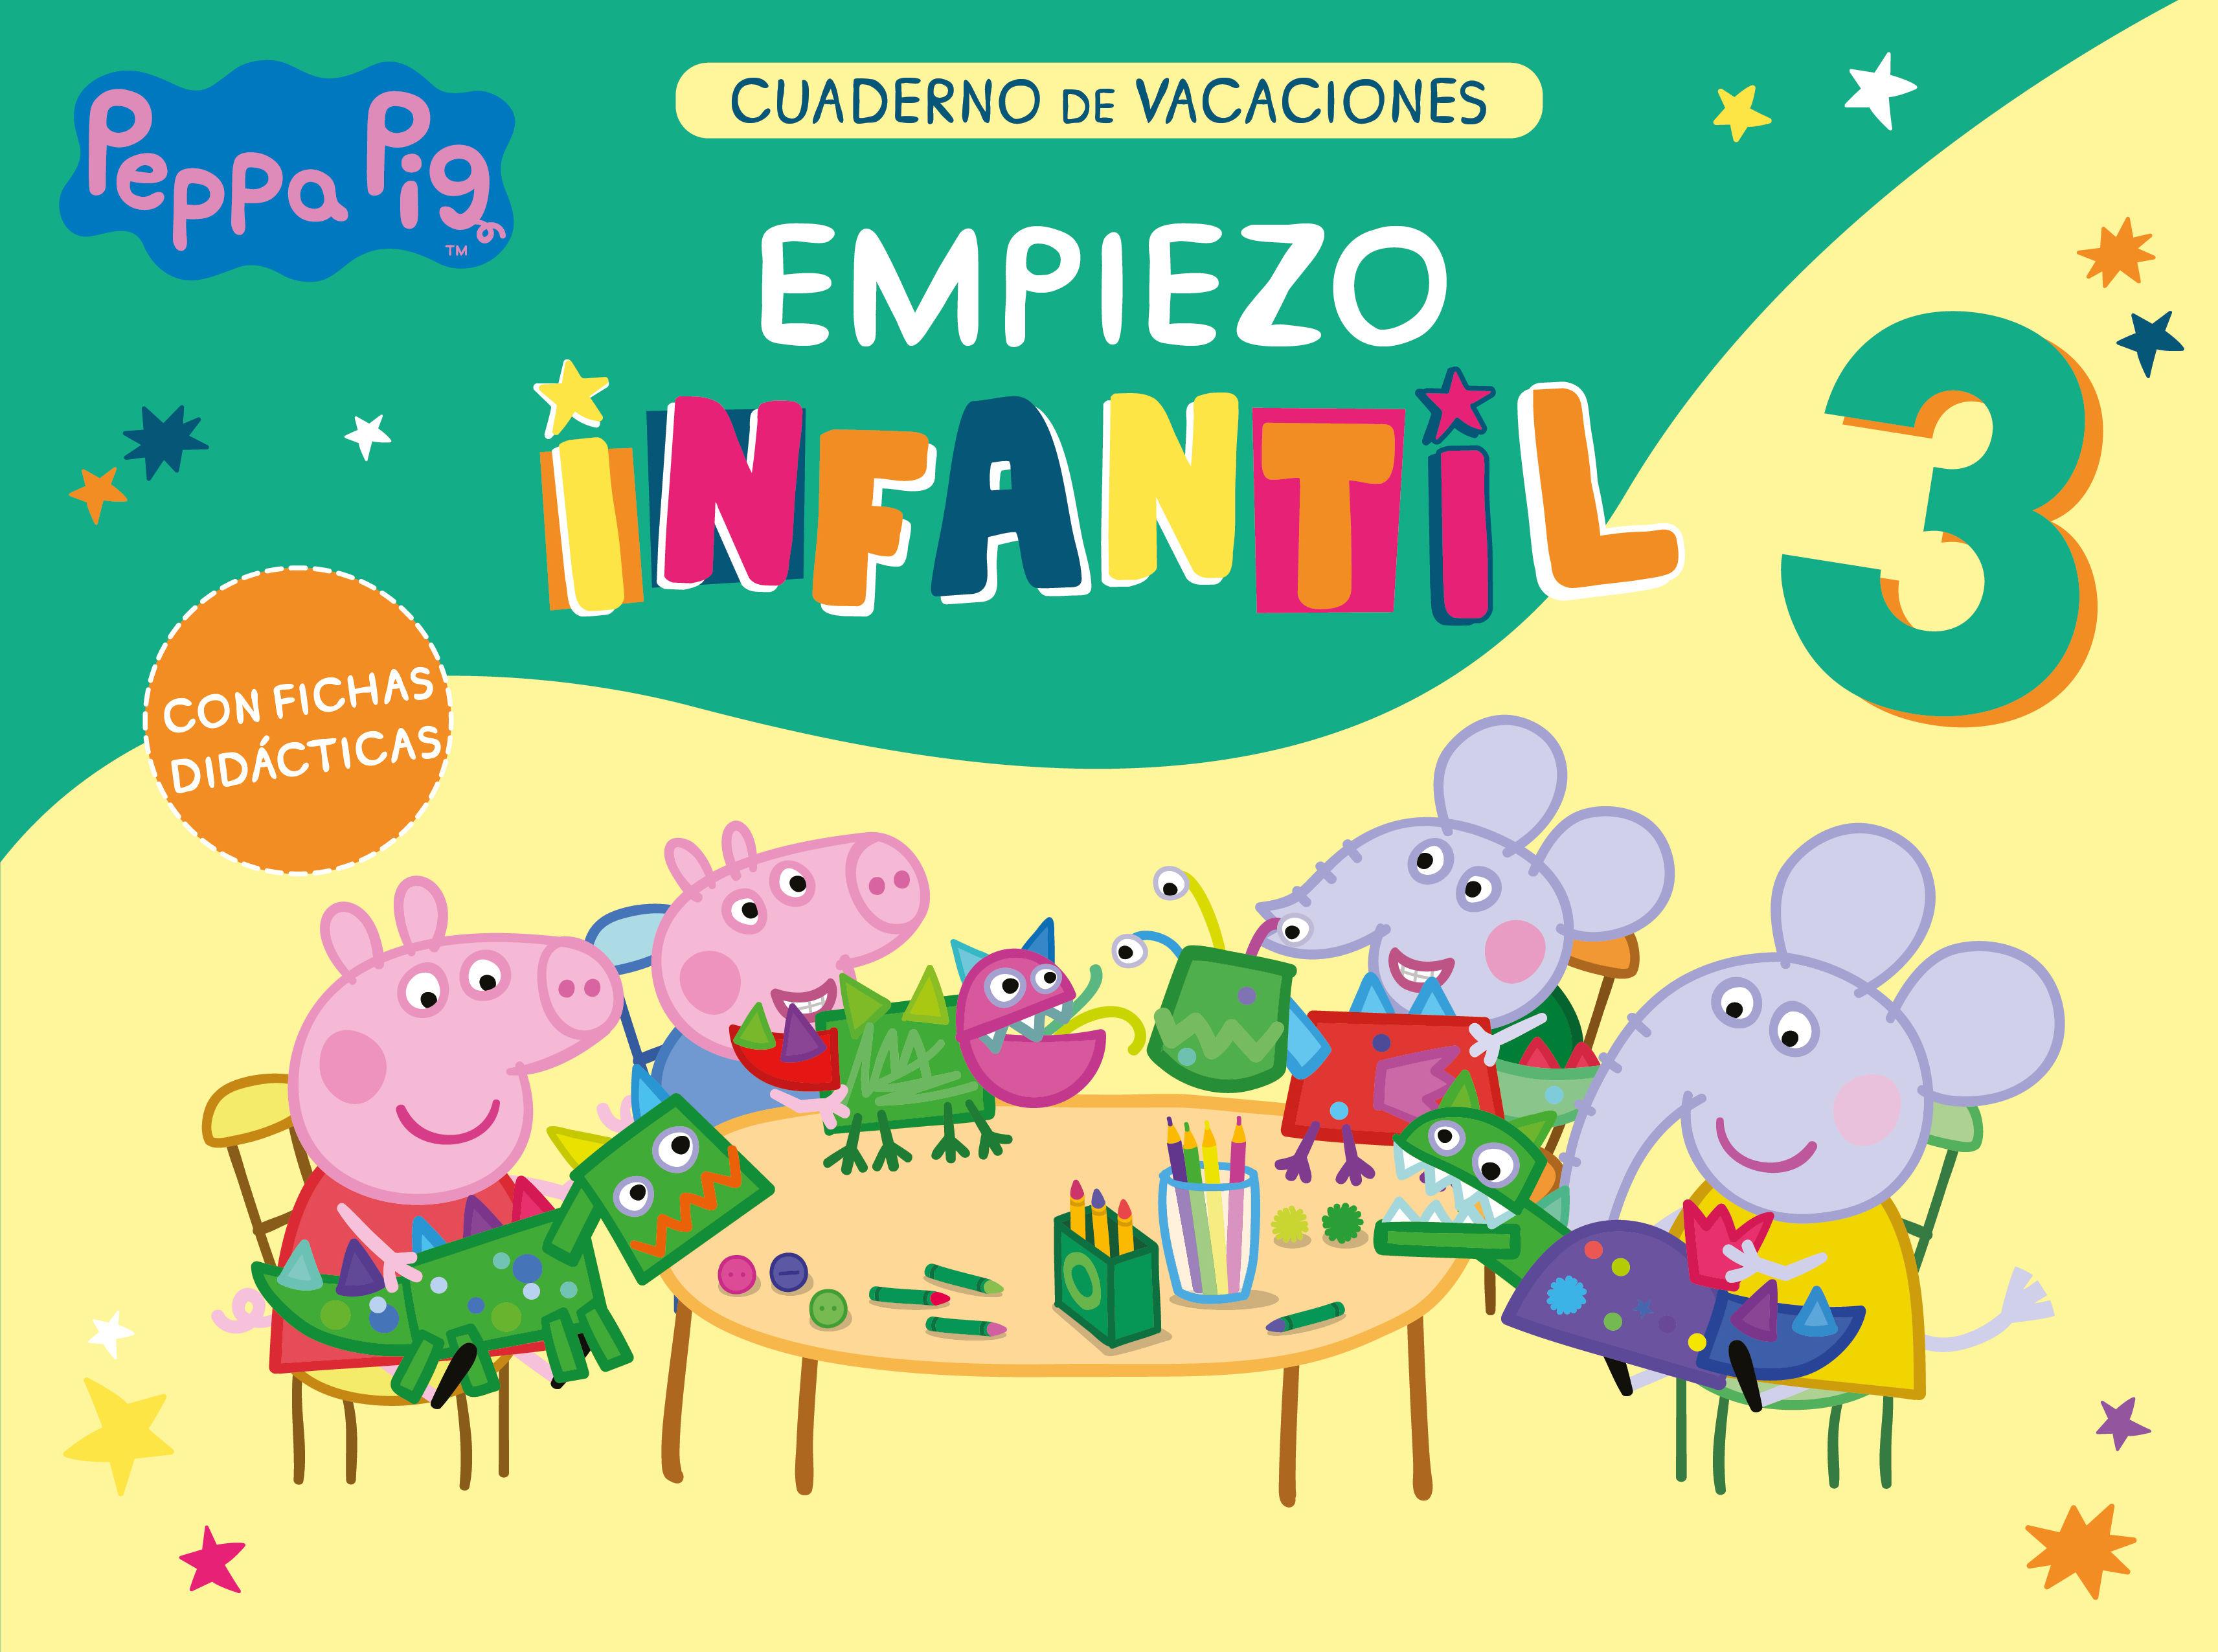 PEPPA PIG. CUADERNO DE VACACIONES